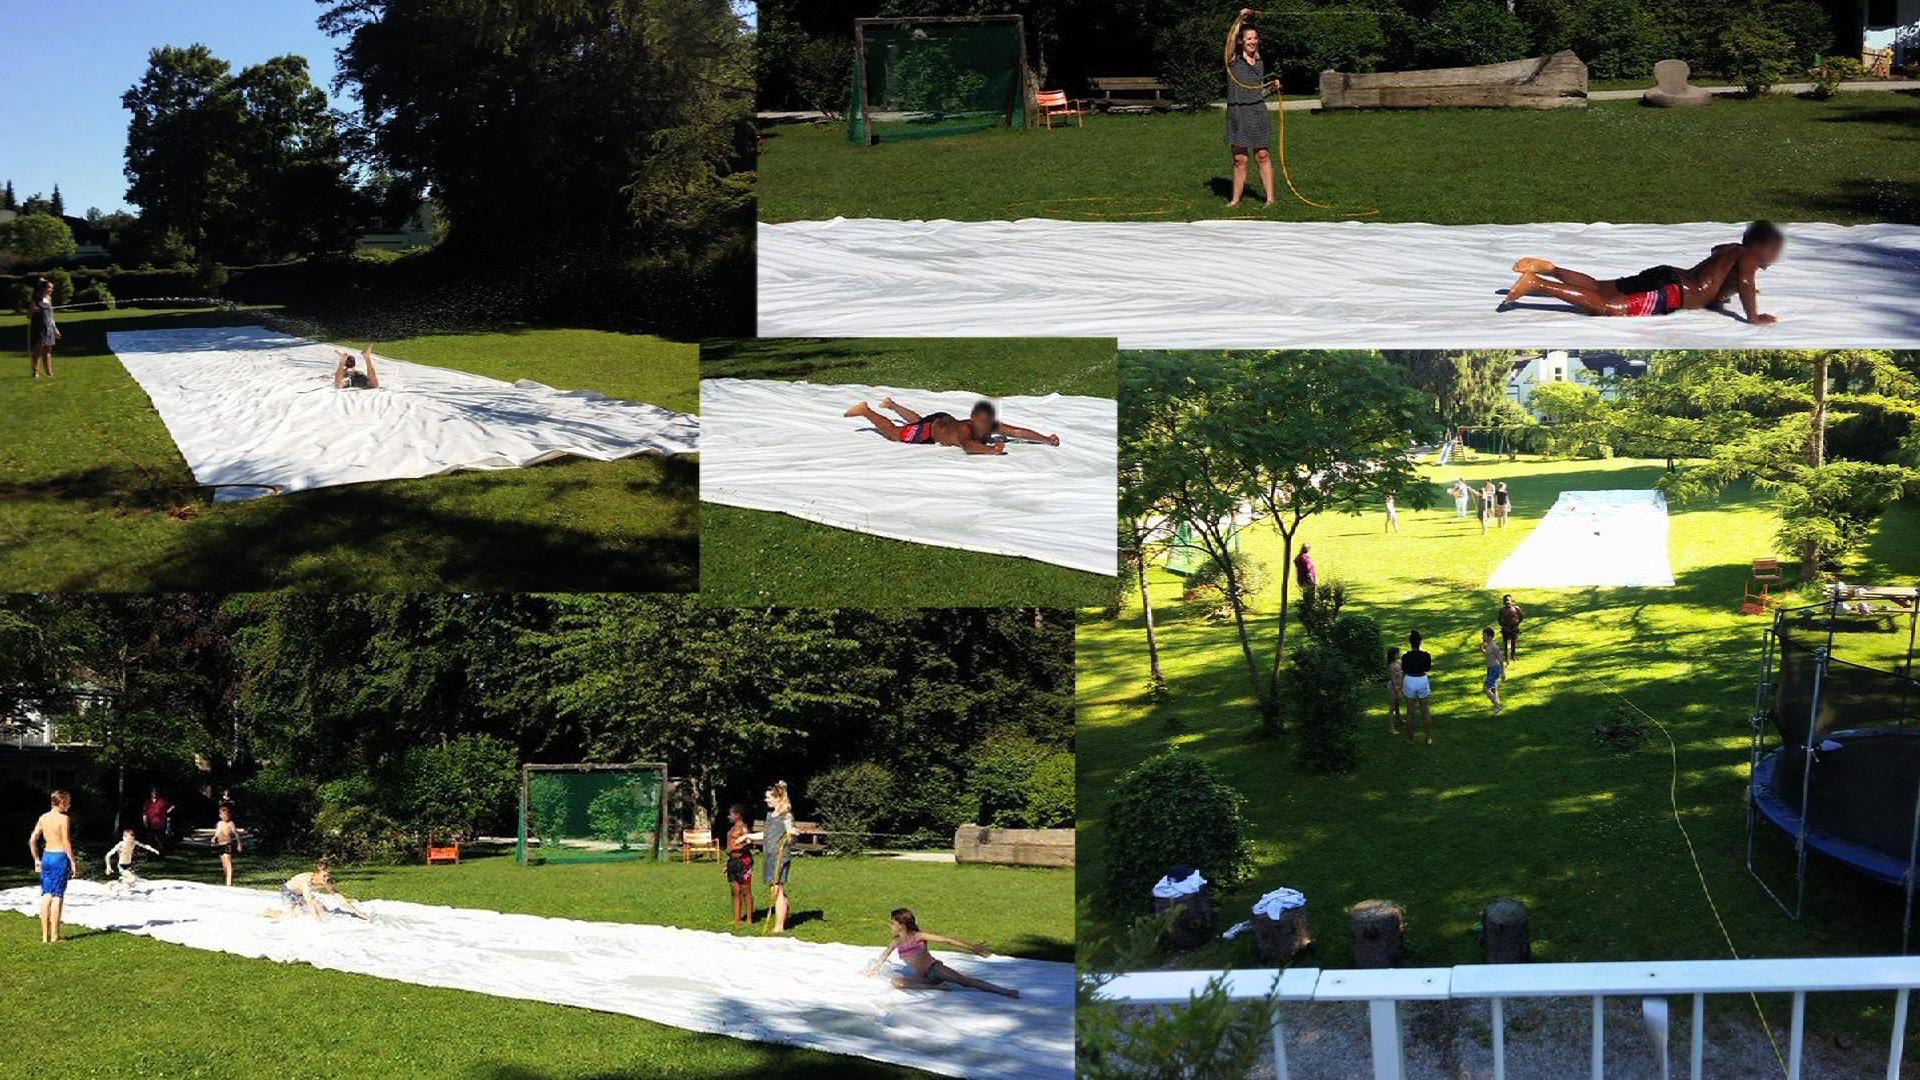 Endlich... der Sommer ist da. Wir haben gleich unsere berühmte Wasserrutsche aus dem Schuppen geholt - wie jedes Jahr, das Wasser angedreht und los ging der Spaß ;)